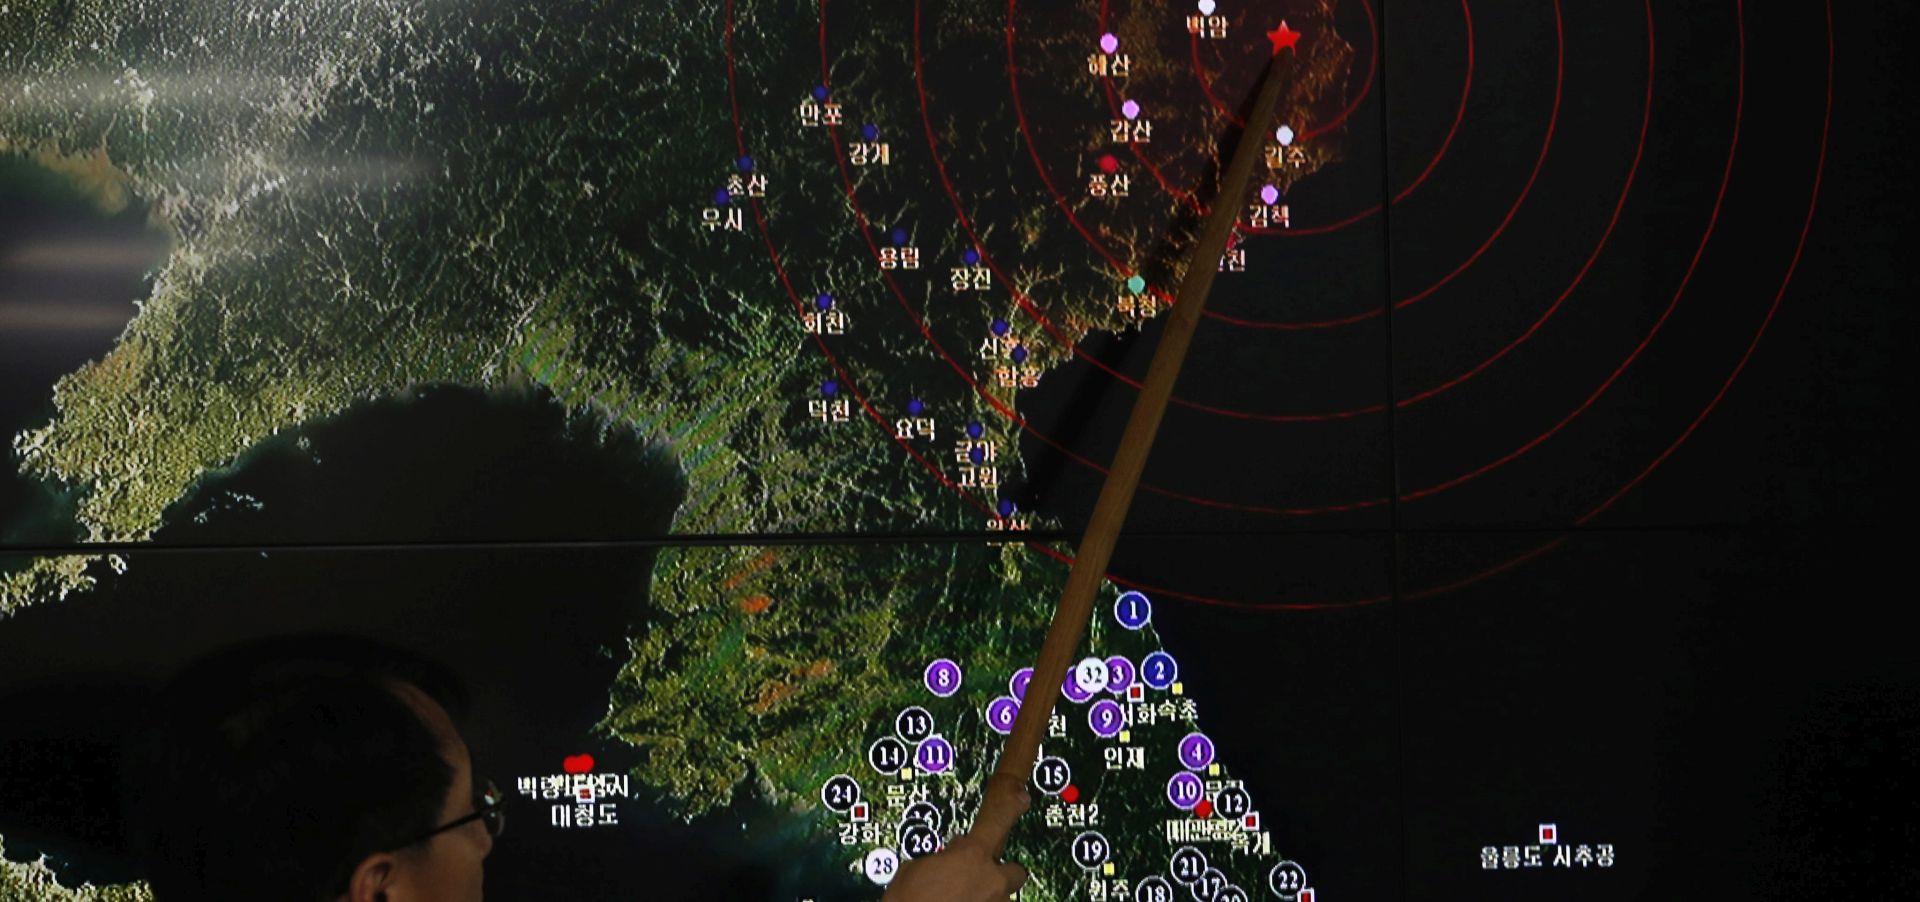 Sjevernokorejska atomska bomba je snažnija, no više brine to što je mala